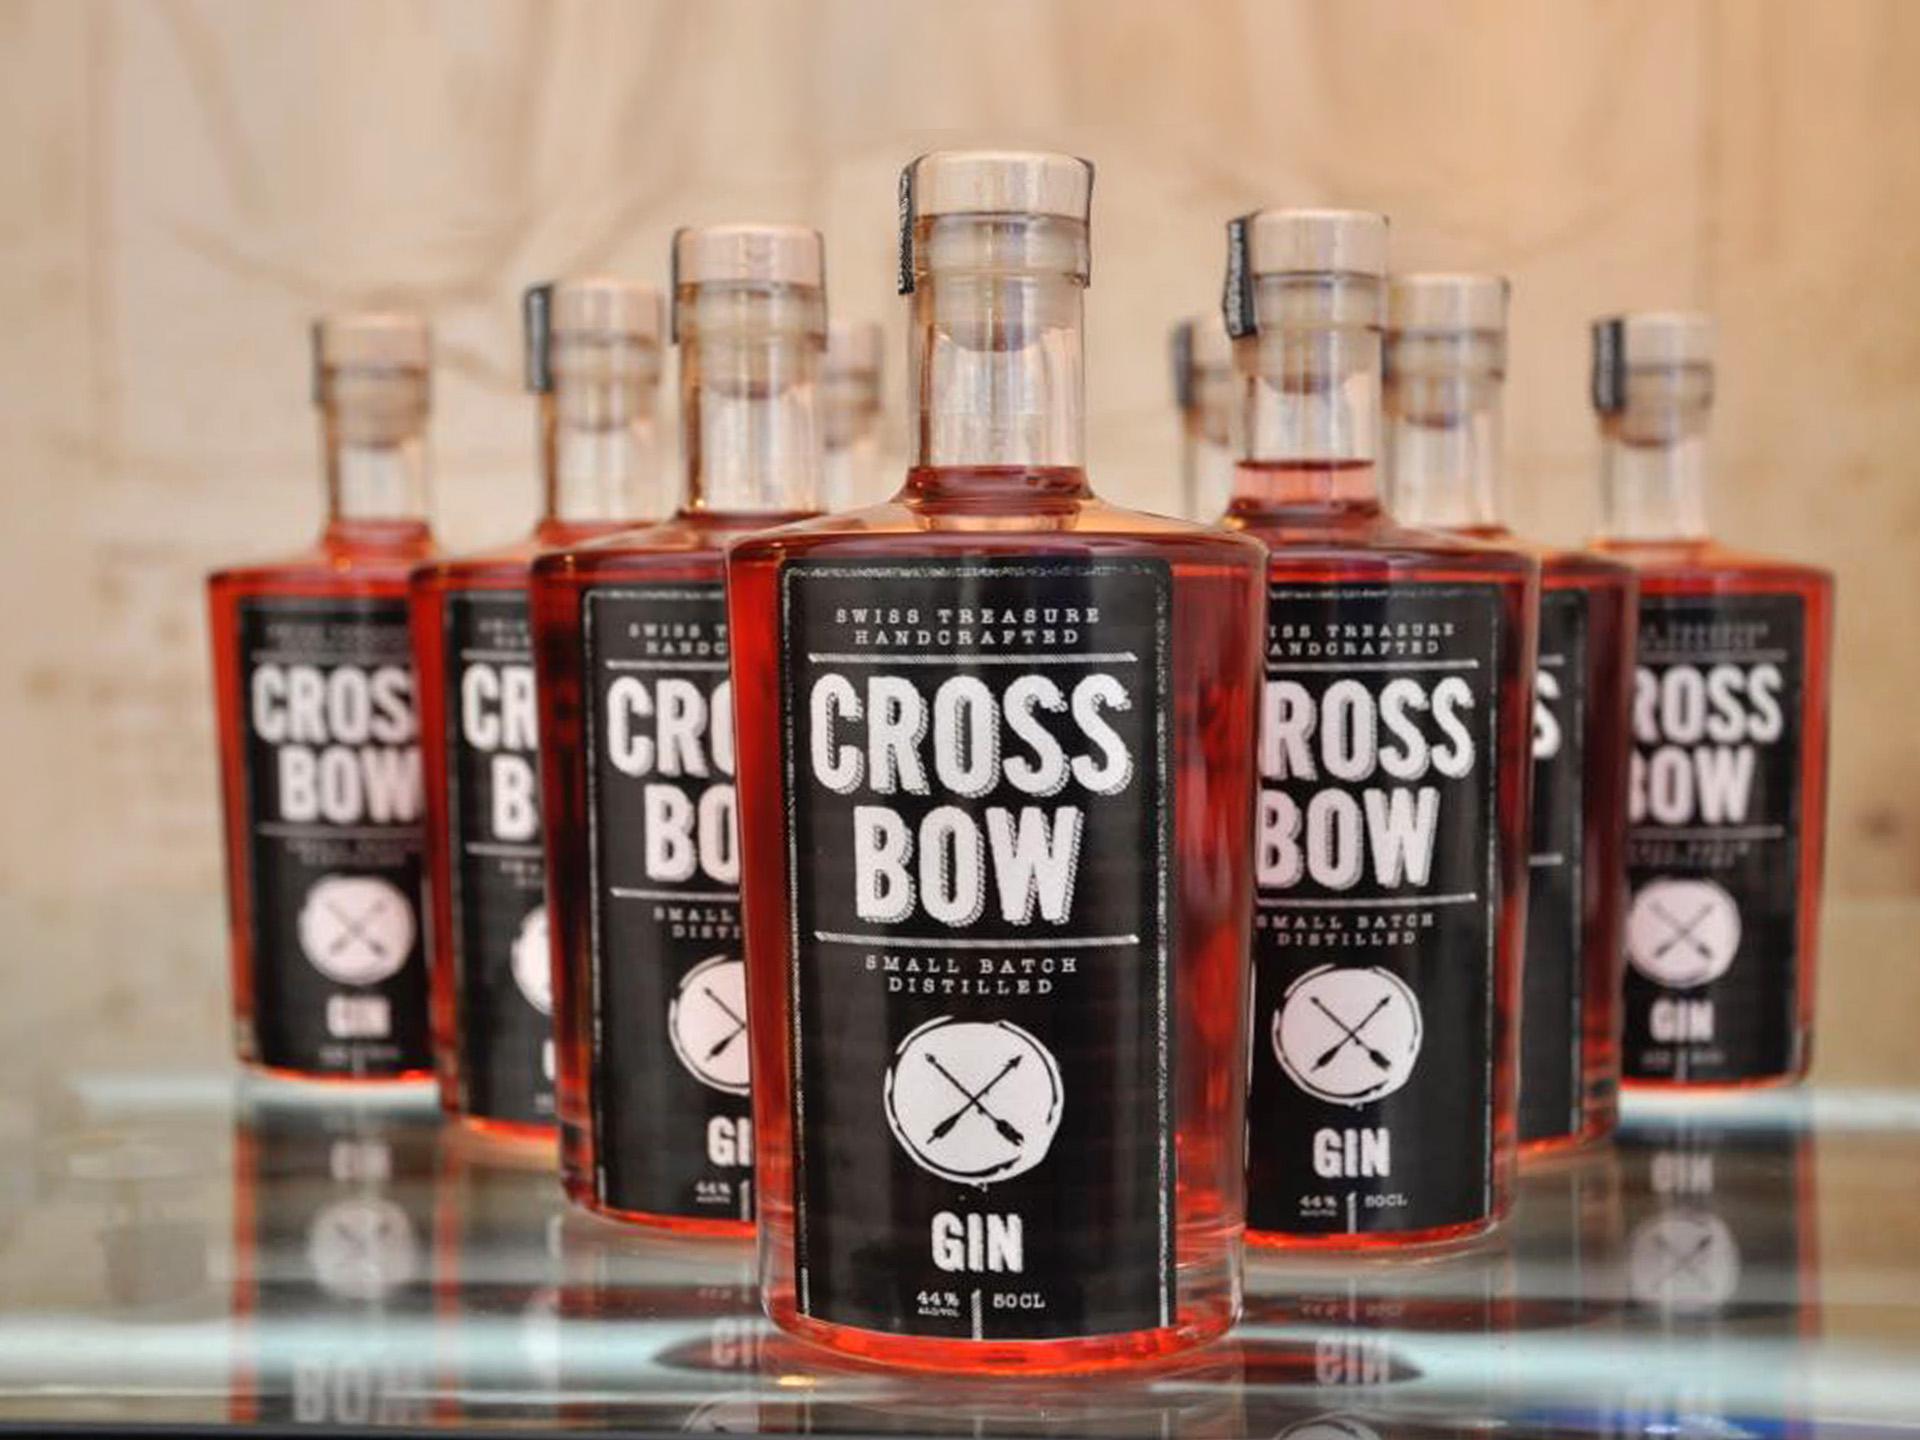 Sm Graphic Design Referenzen Logo Illustration Verpackung Packagingdesign Gin Alkohol Werbung Crossbow St. Gallen Birreria